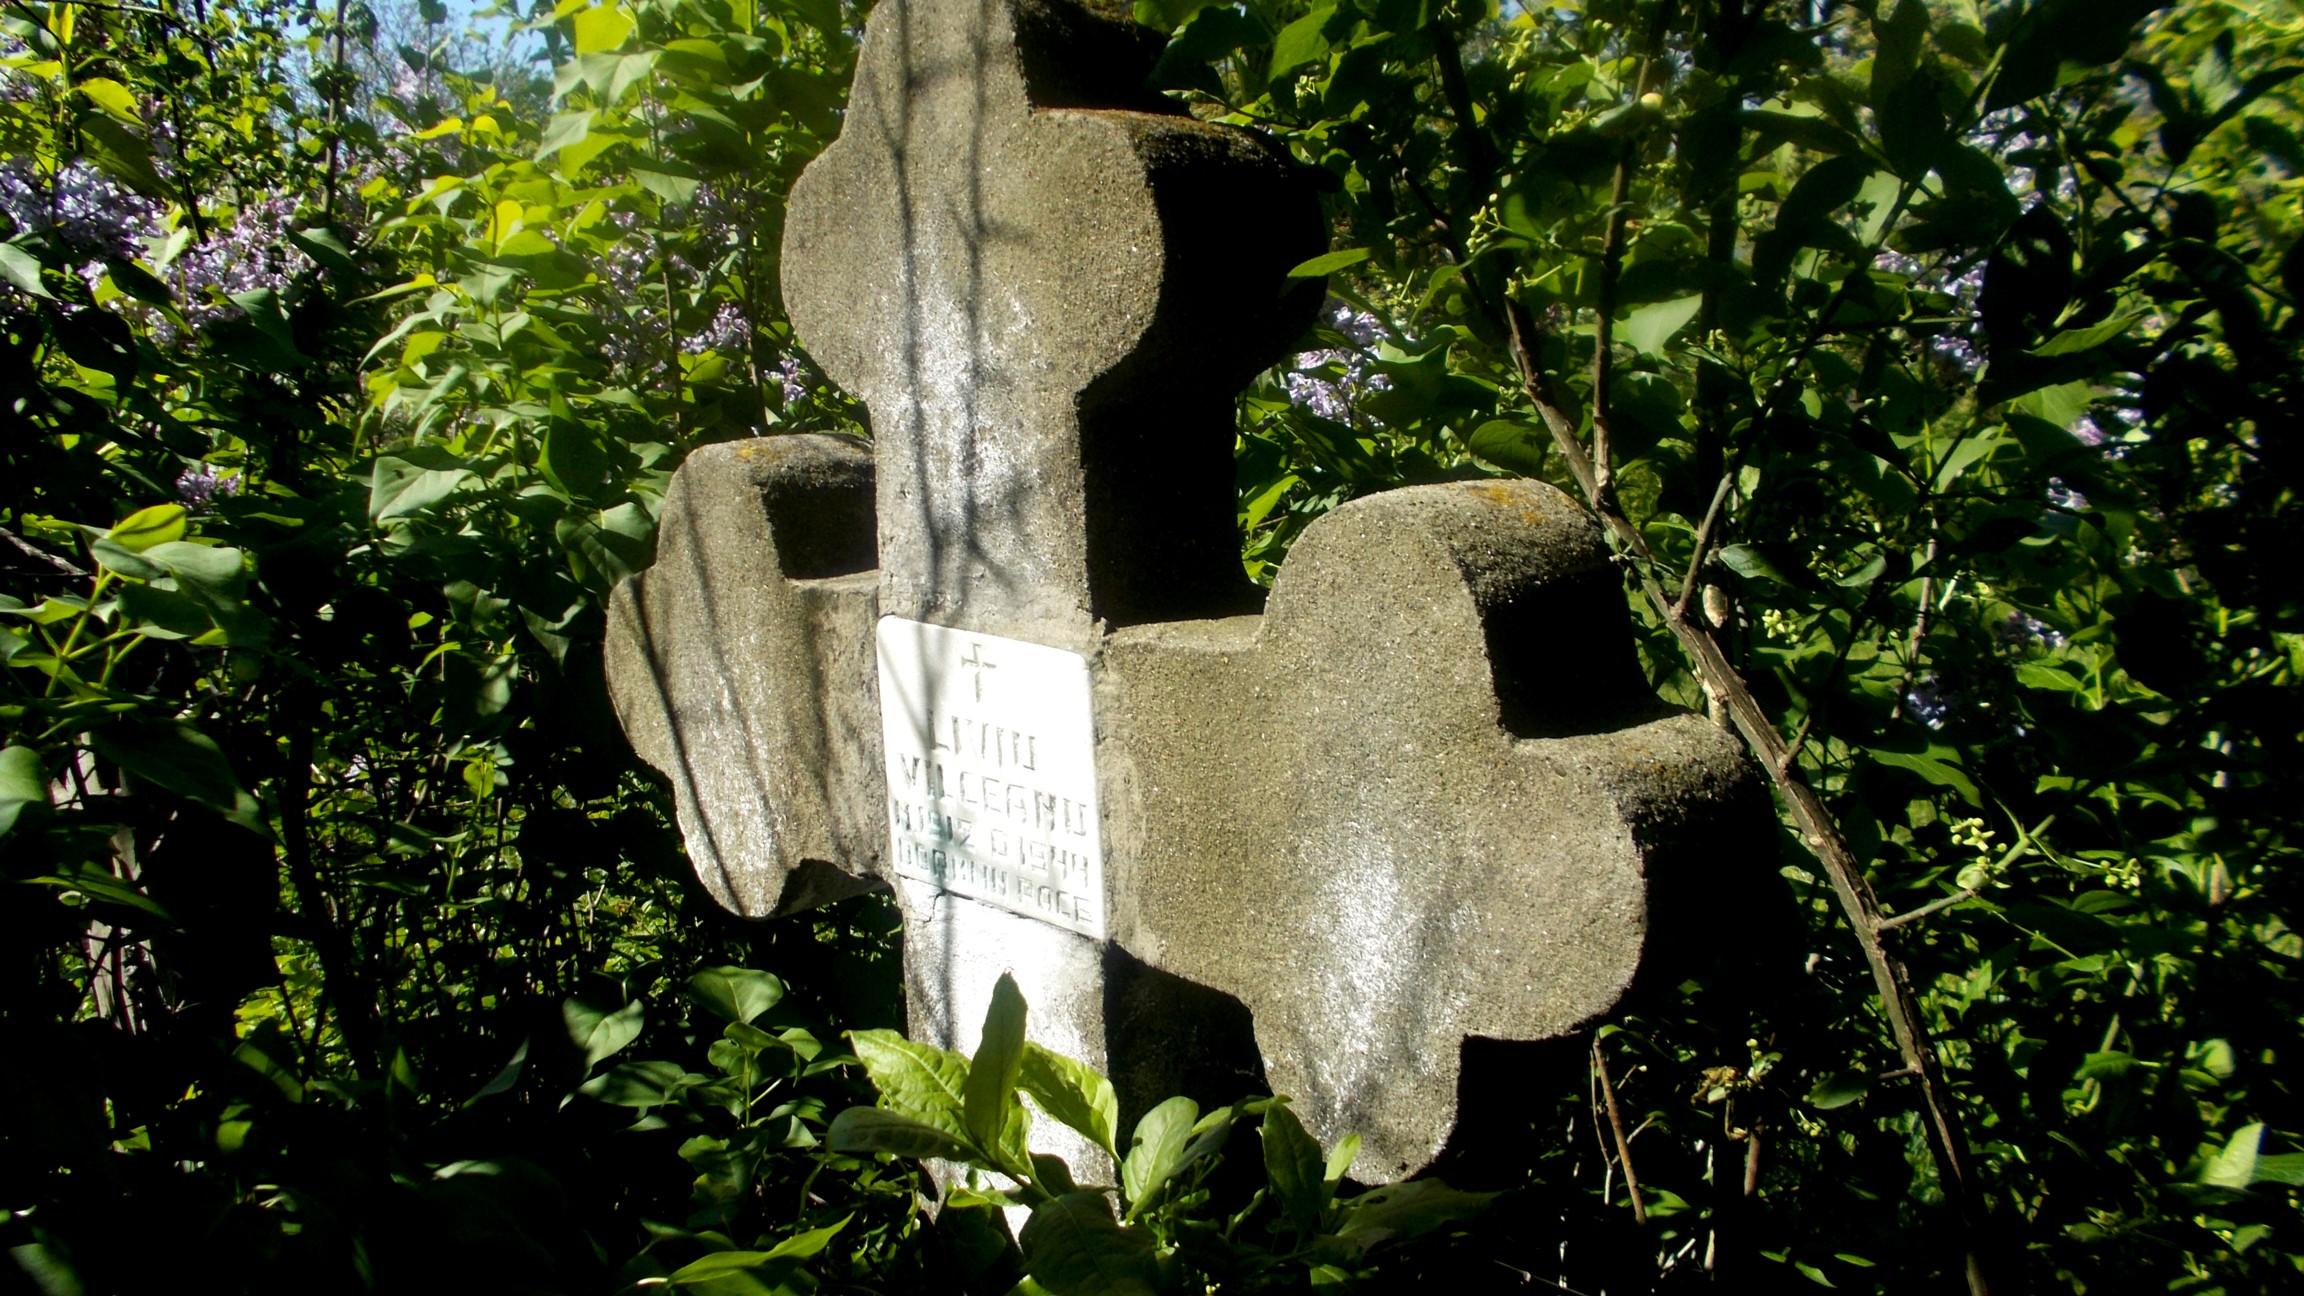 Un mormânt sugrumat de tufe, urzici şi boz